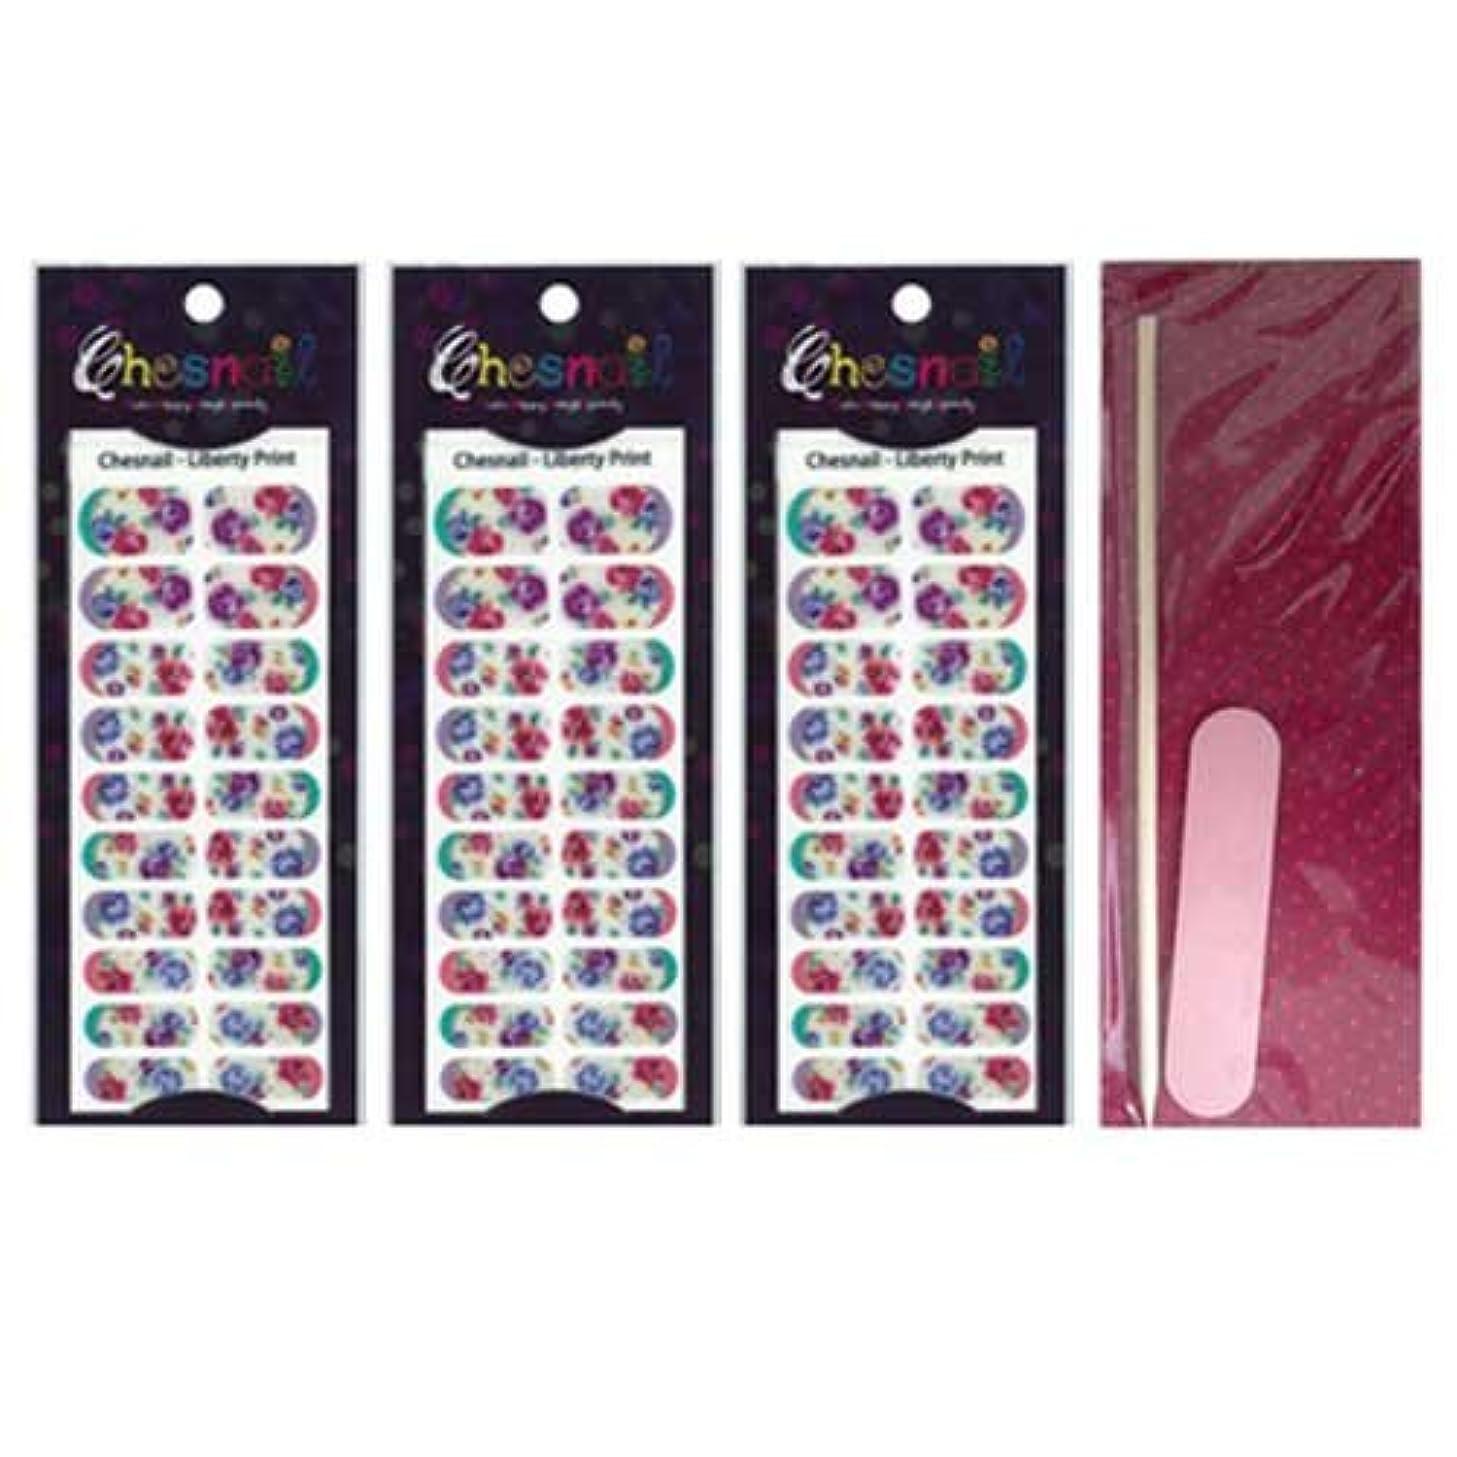 麻痺させる刺繍役に立つChesnail チェスネイル 3個セット + ネイルスティック&ネイルファイル (リバティプリント)